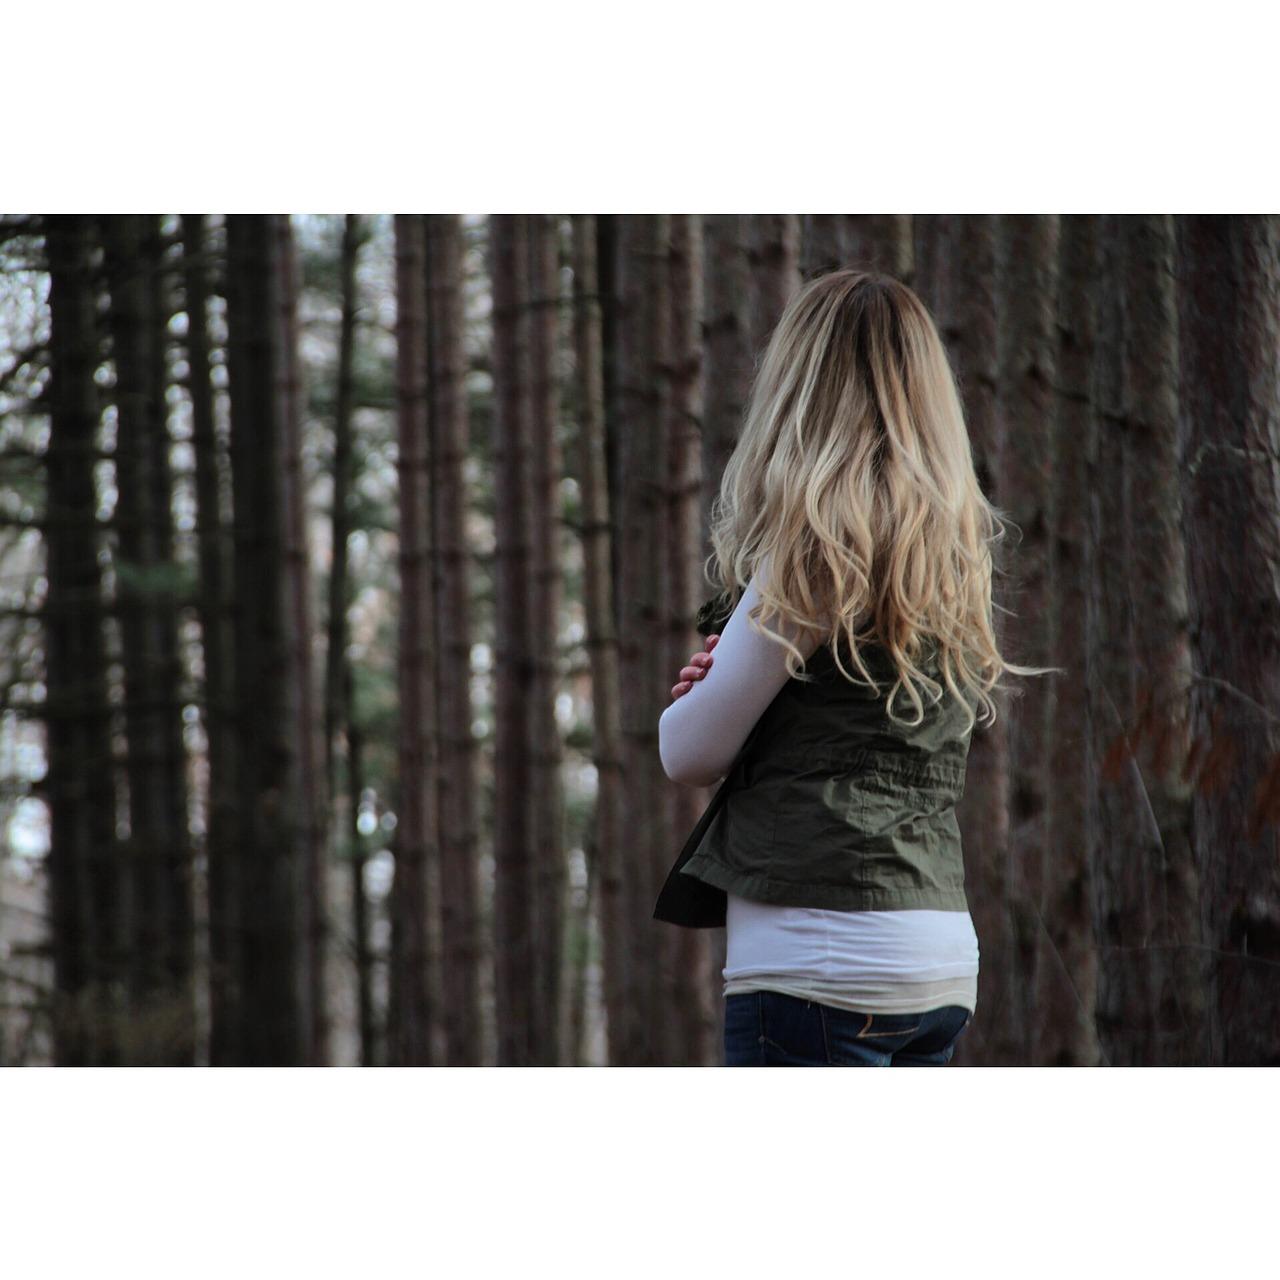 girl-846925_1280.jpg